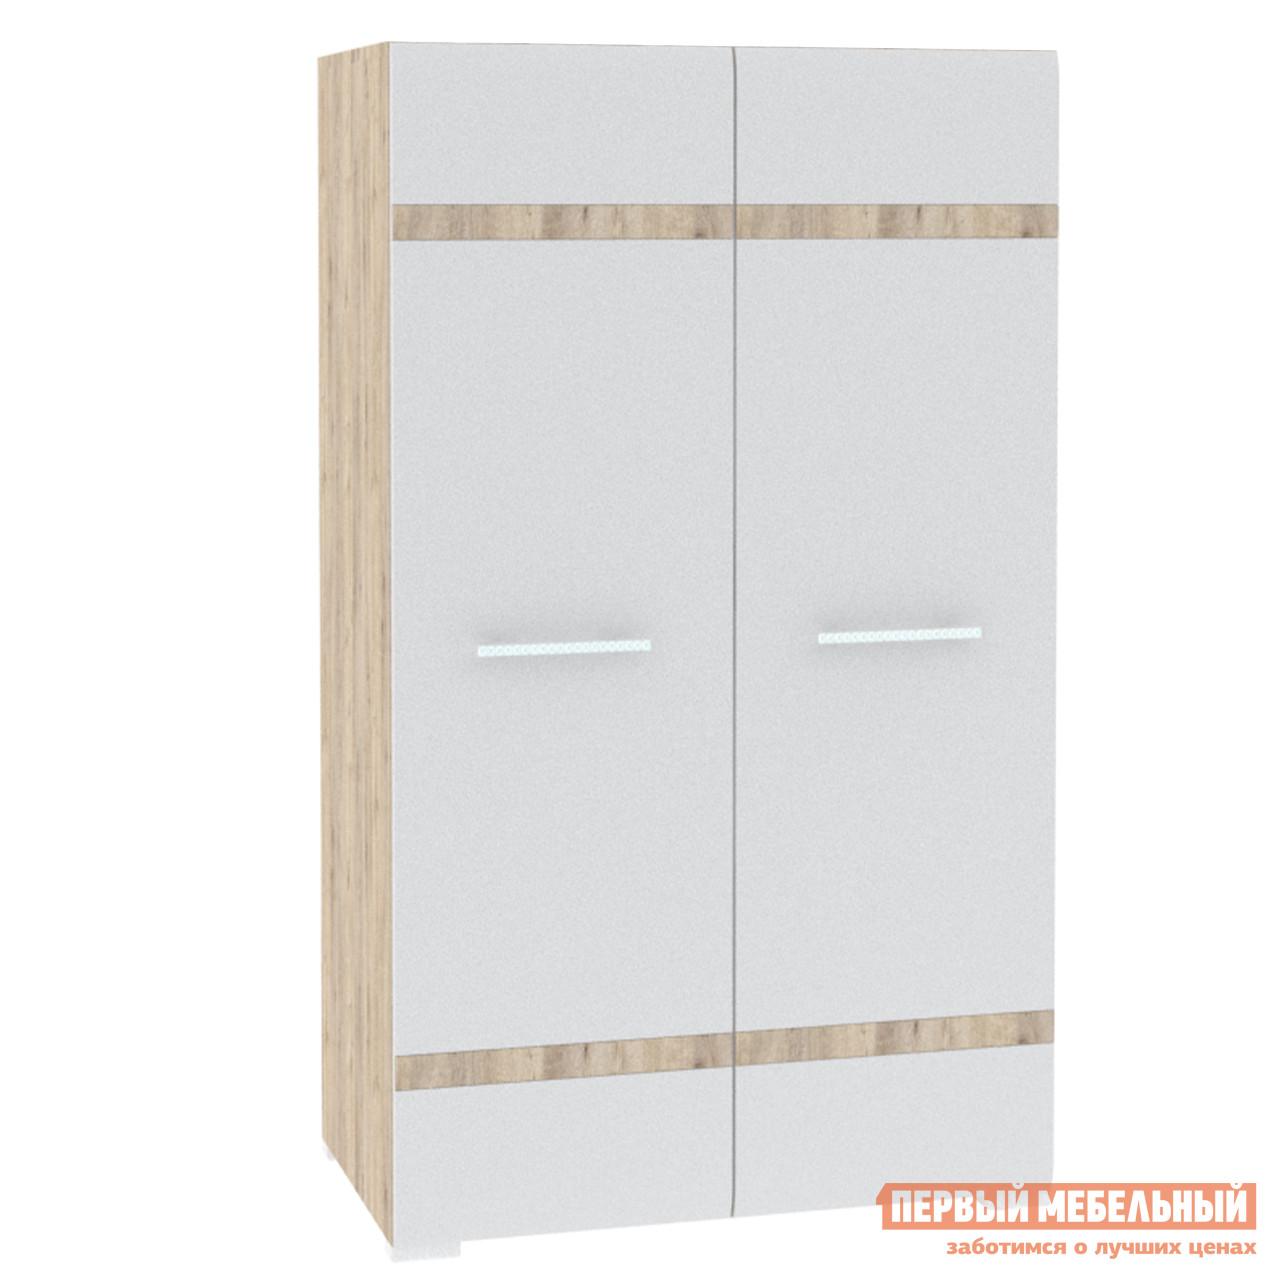 Глянцевый шкаф с распашными дверями МО РОСТ Шкаф 2 двери 800*470*1400 ВЕРСАЛЬ